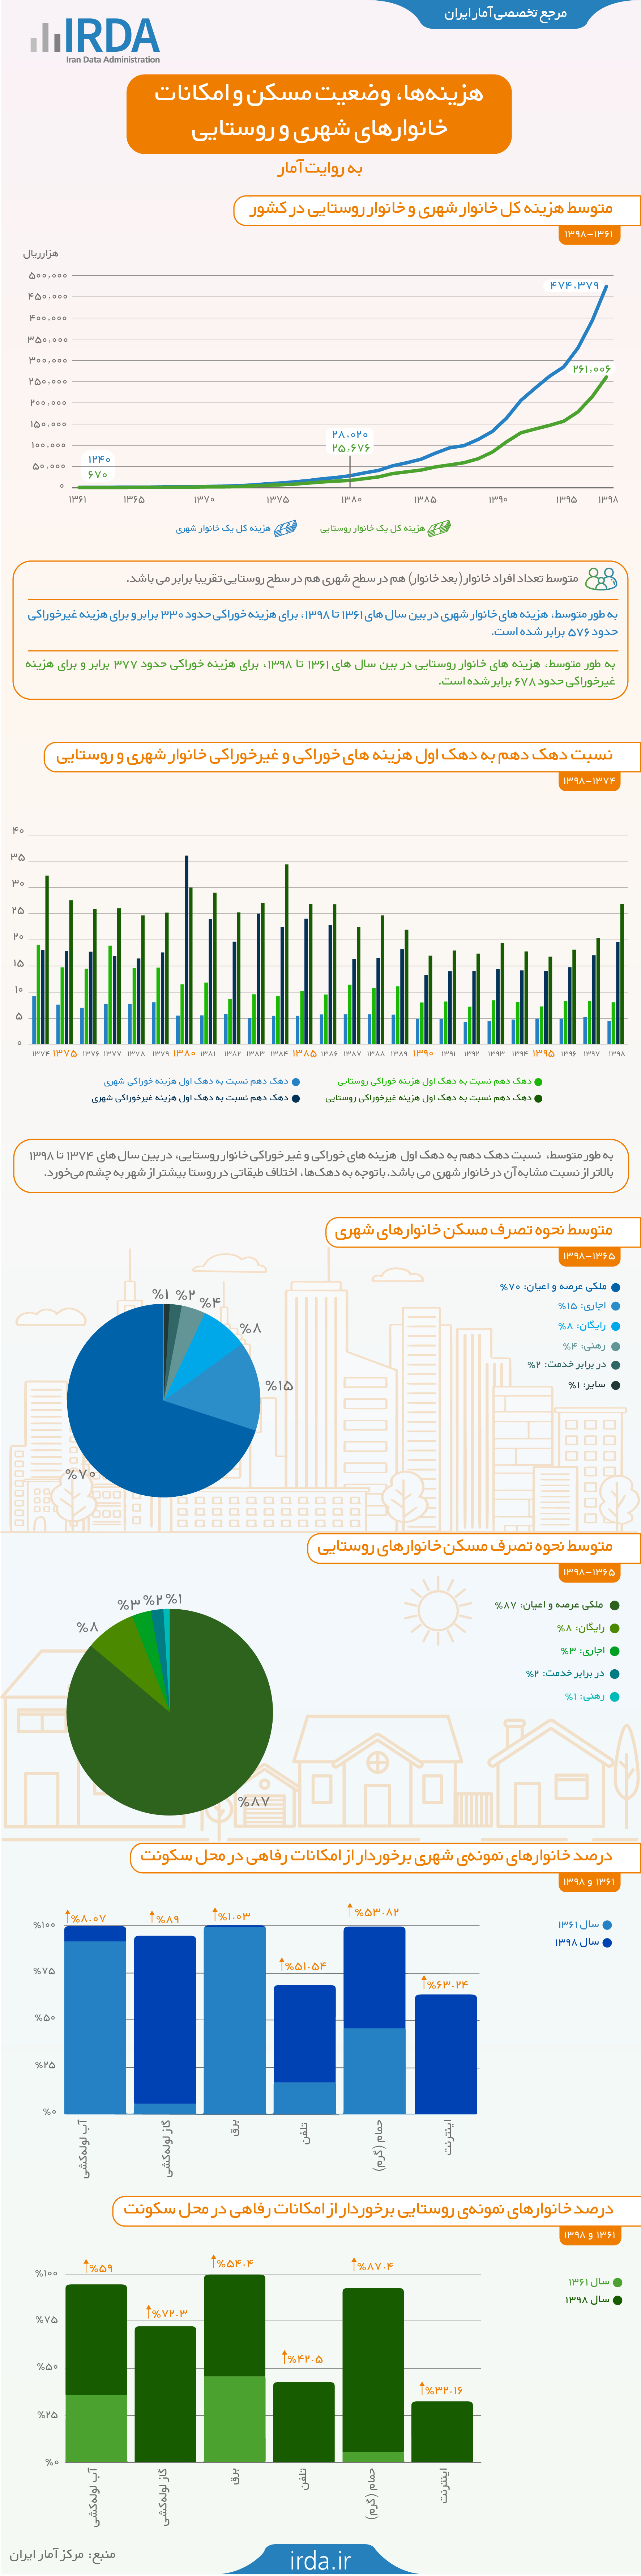 هزینه ها، وضعیت مسکن و امکانات خانوار های شهری و روستایی به روایت آمار